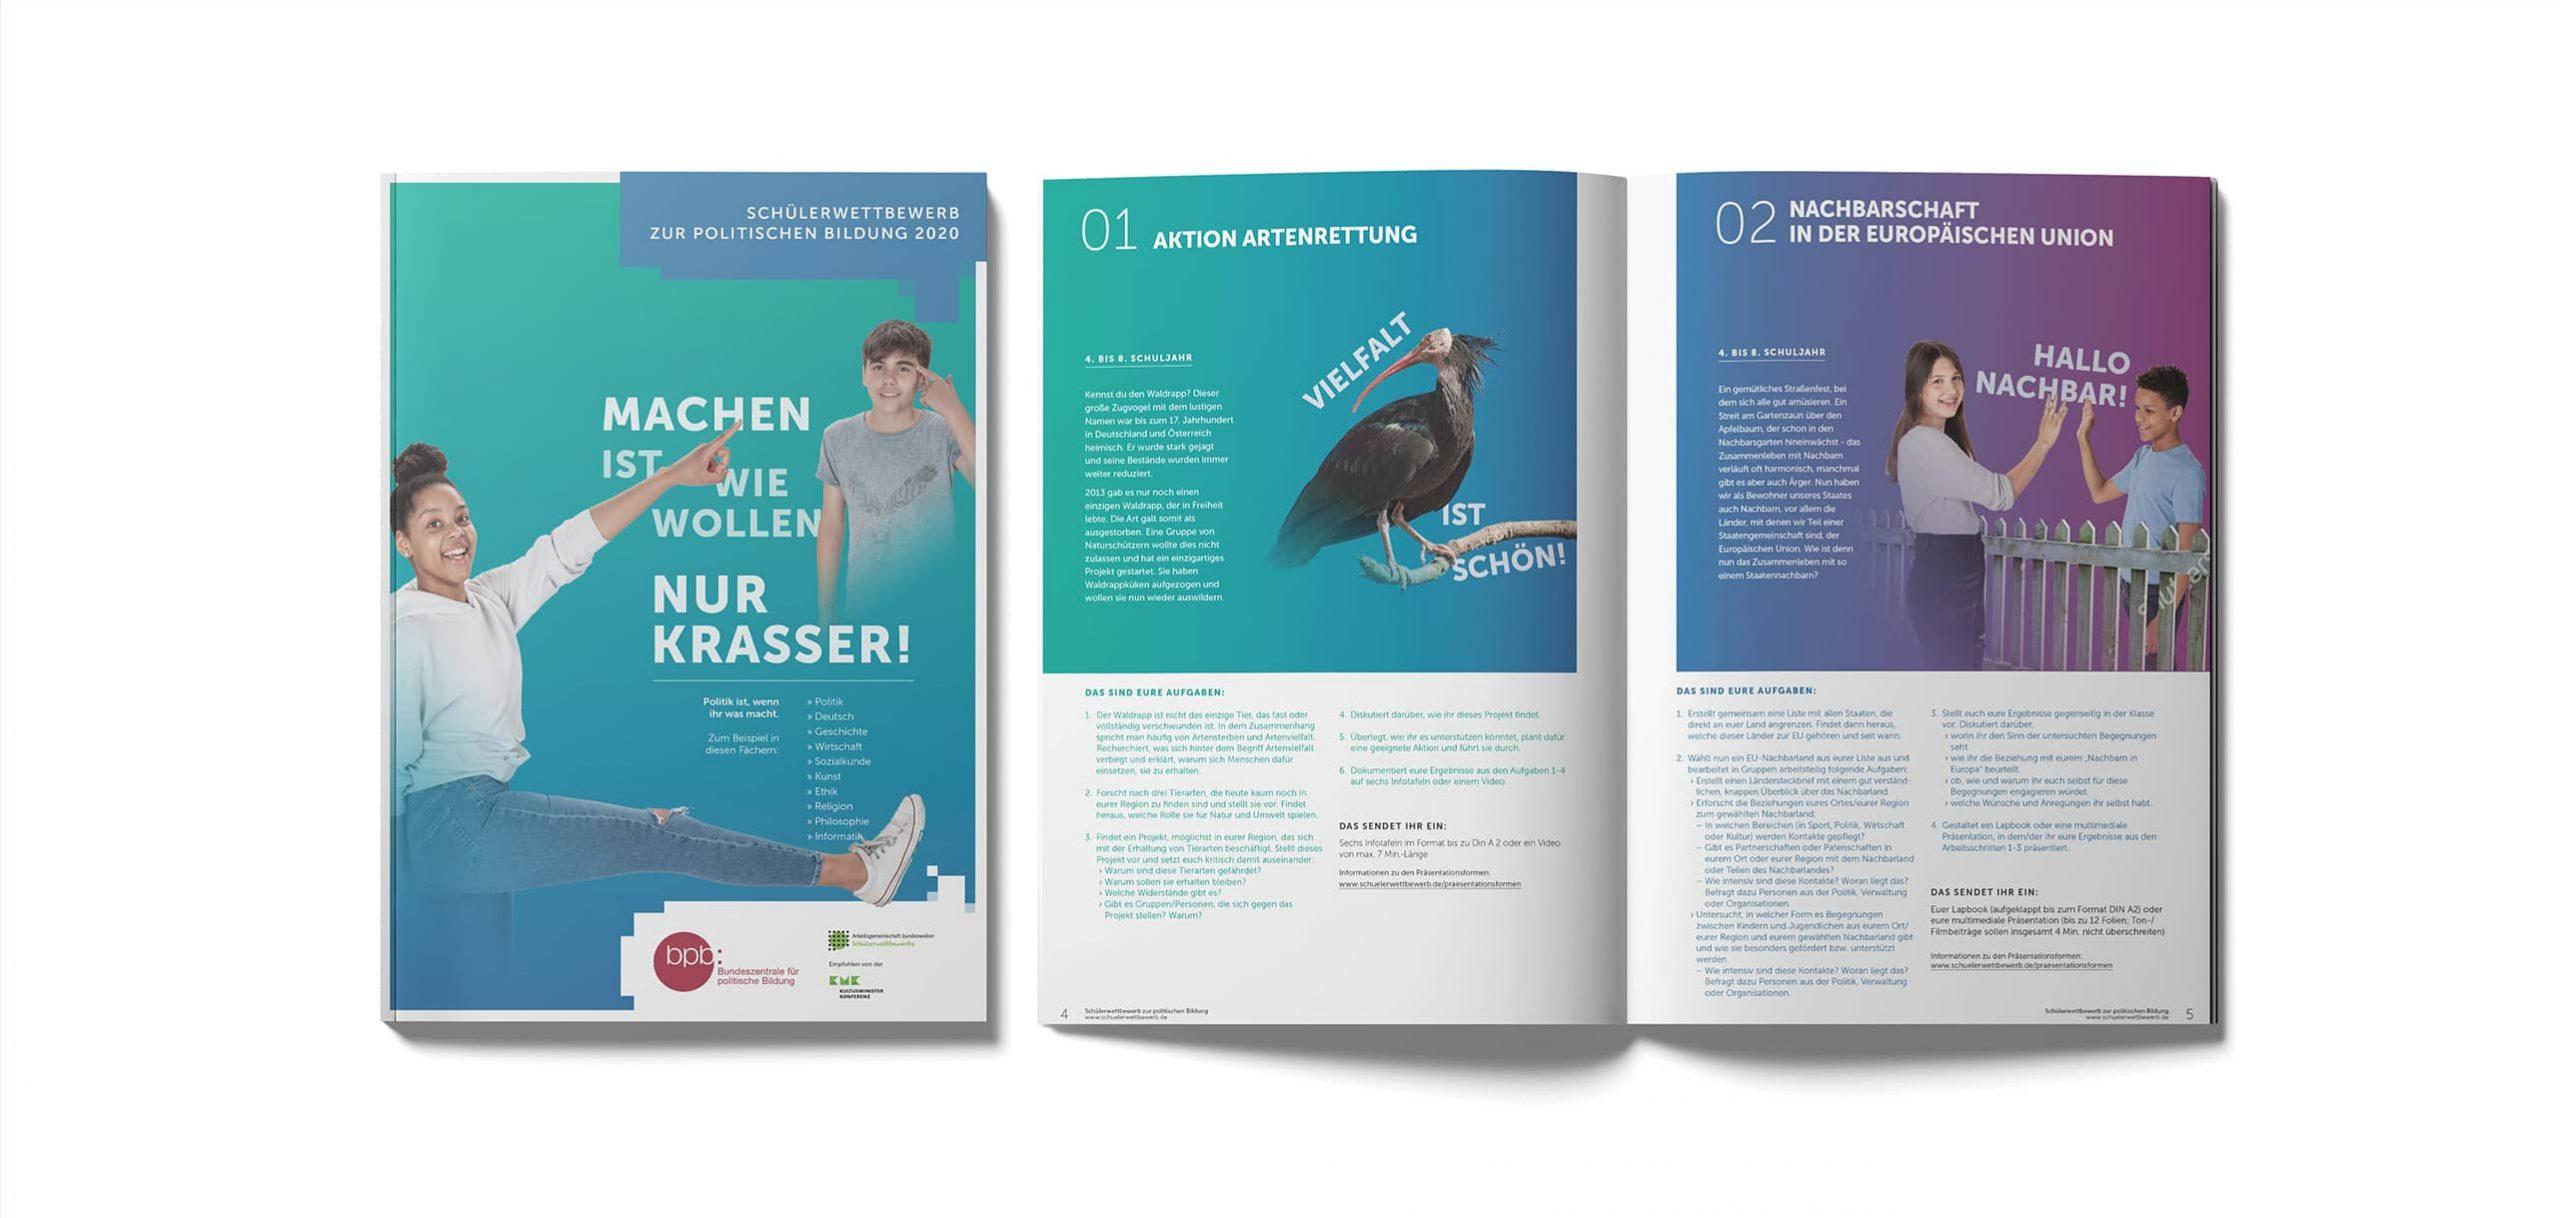 bpb_Schuelerwettbewerb_Printmaterialien